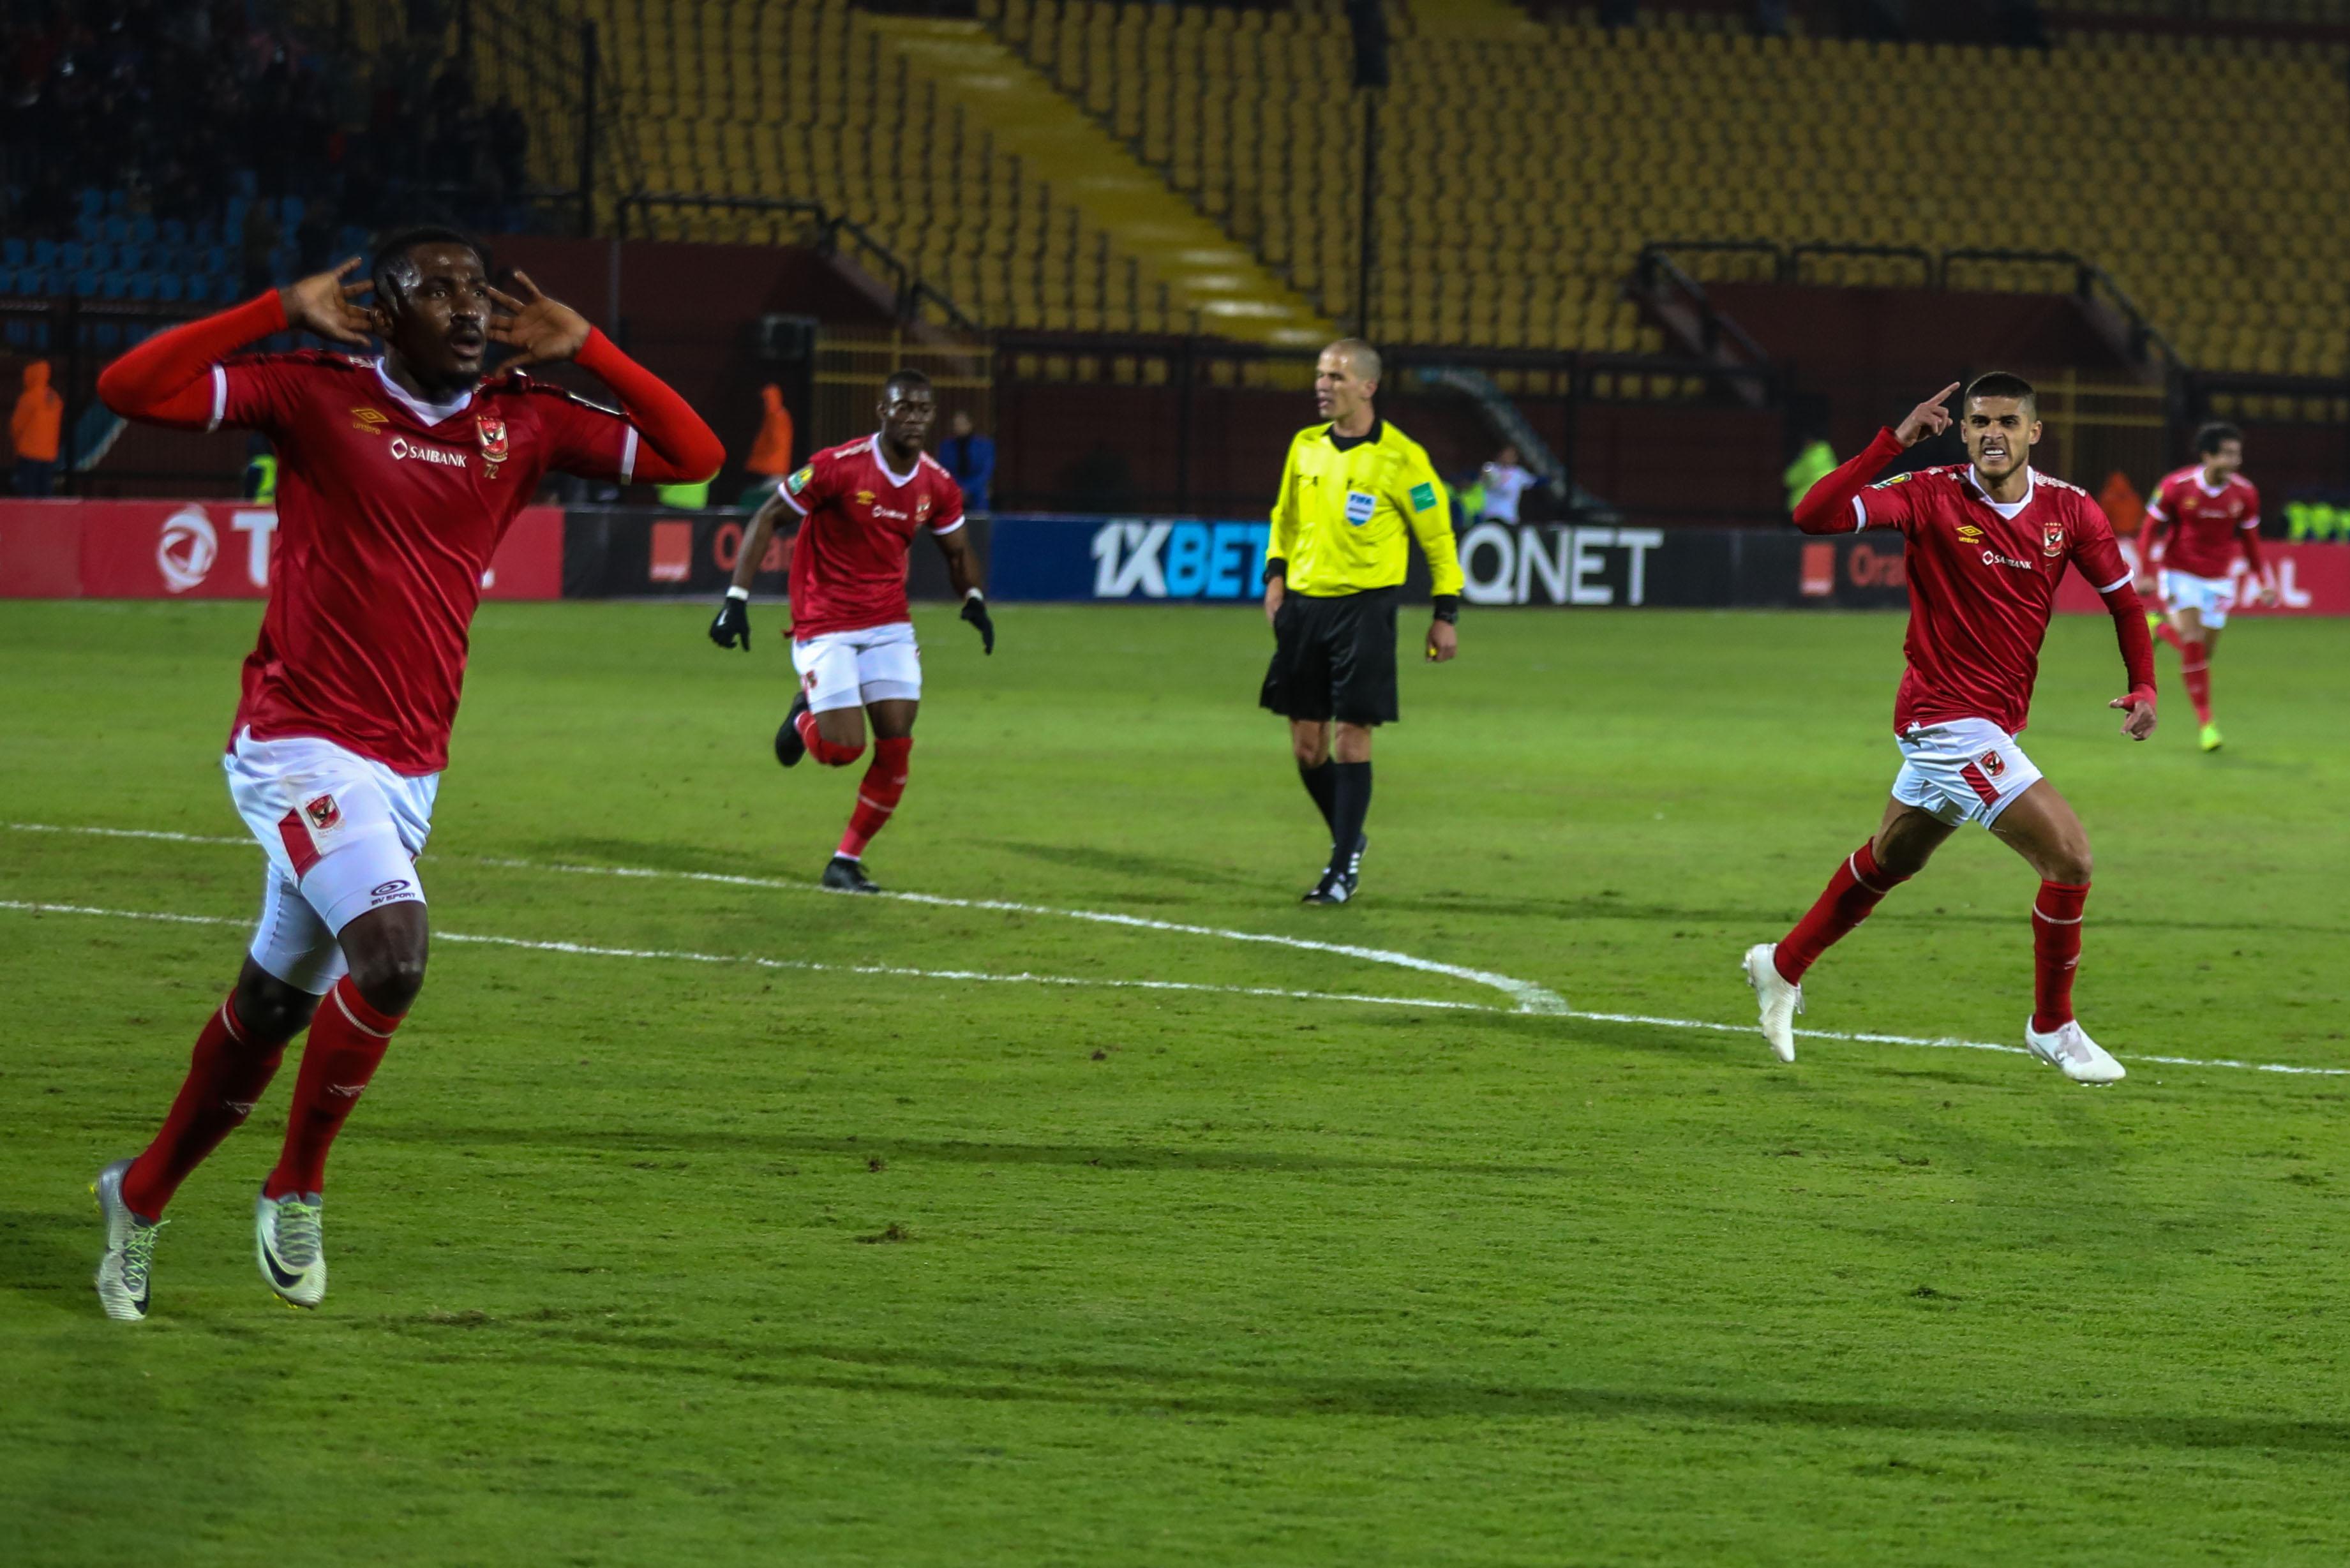 الأهلي يفوز على النجم الساحلي ويتصدر مجموعته في دوري أبطال إفريقيا